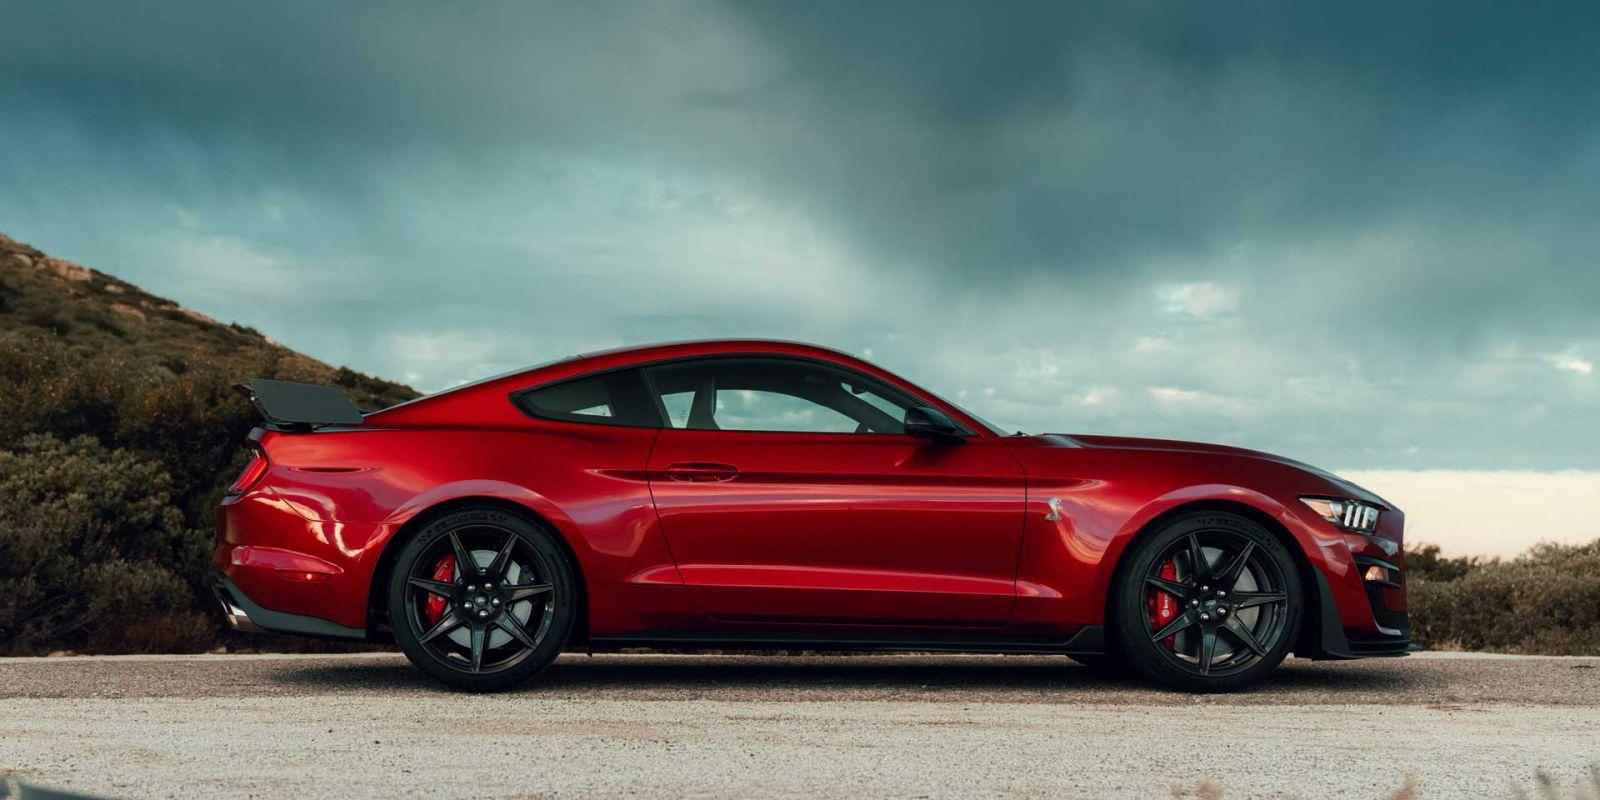 Mustang Shelby GT500 2020 mẫu xe Ford mạnh nhất trong lịch sử